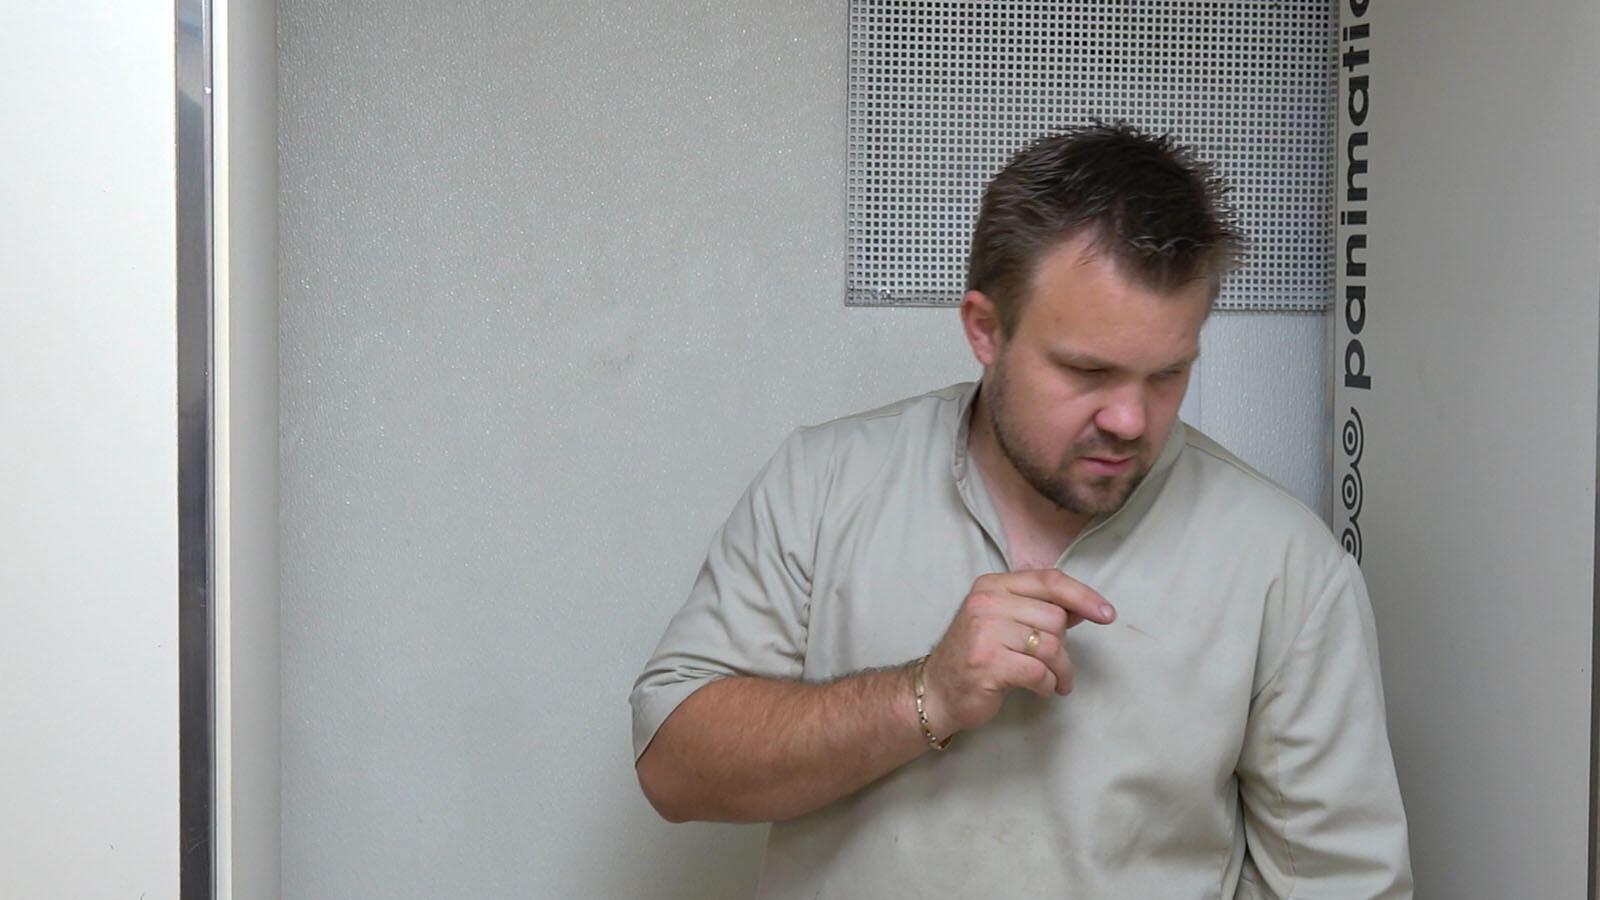 Guillaume, le deuxième portrait dans le premier épisode de « Six portraits XL » d'Alain Cavalier.